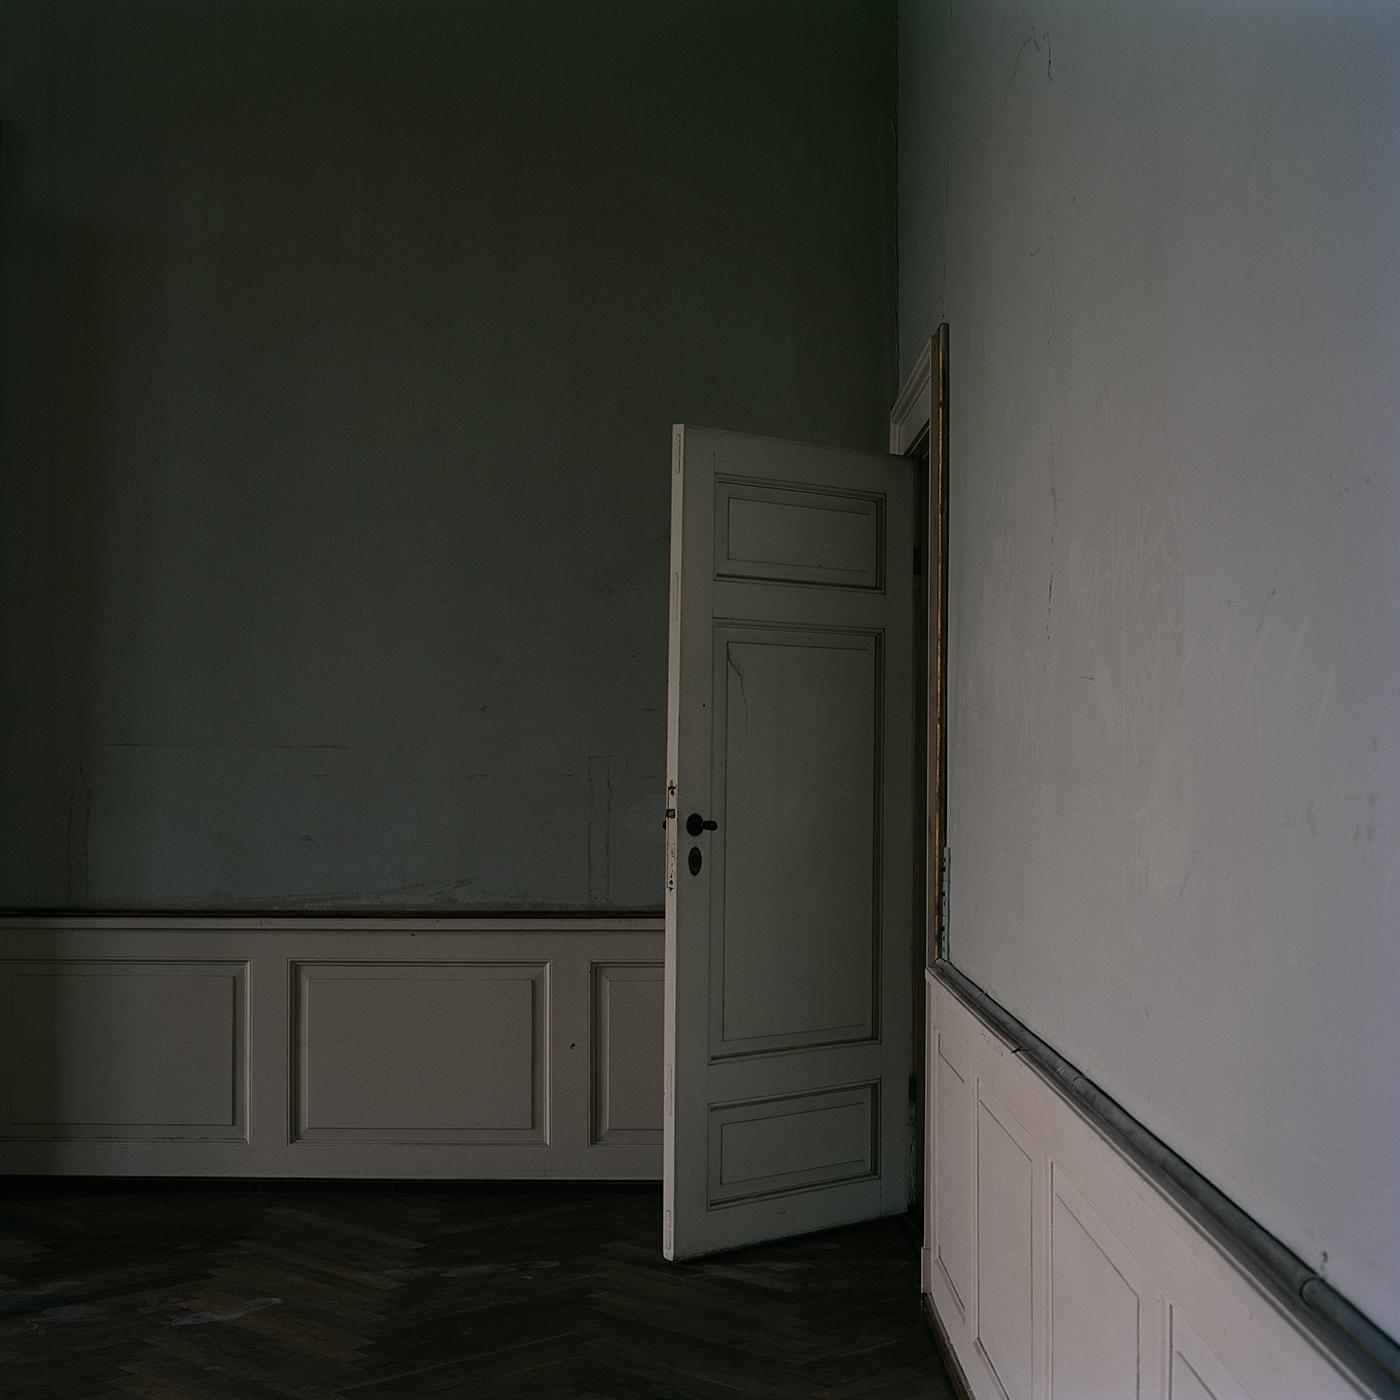 Trine Søndergaard, Interior #3, 2008